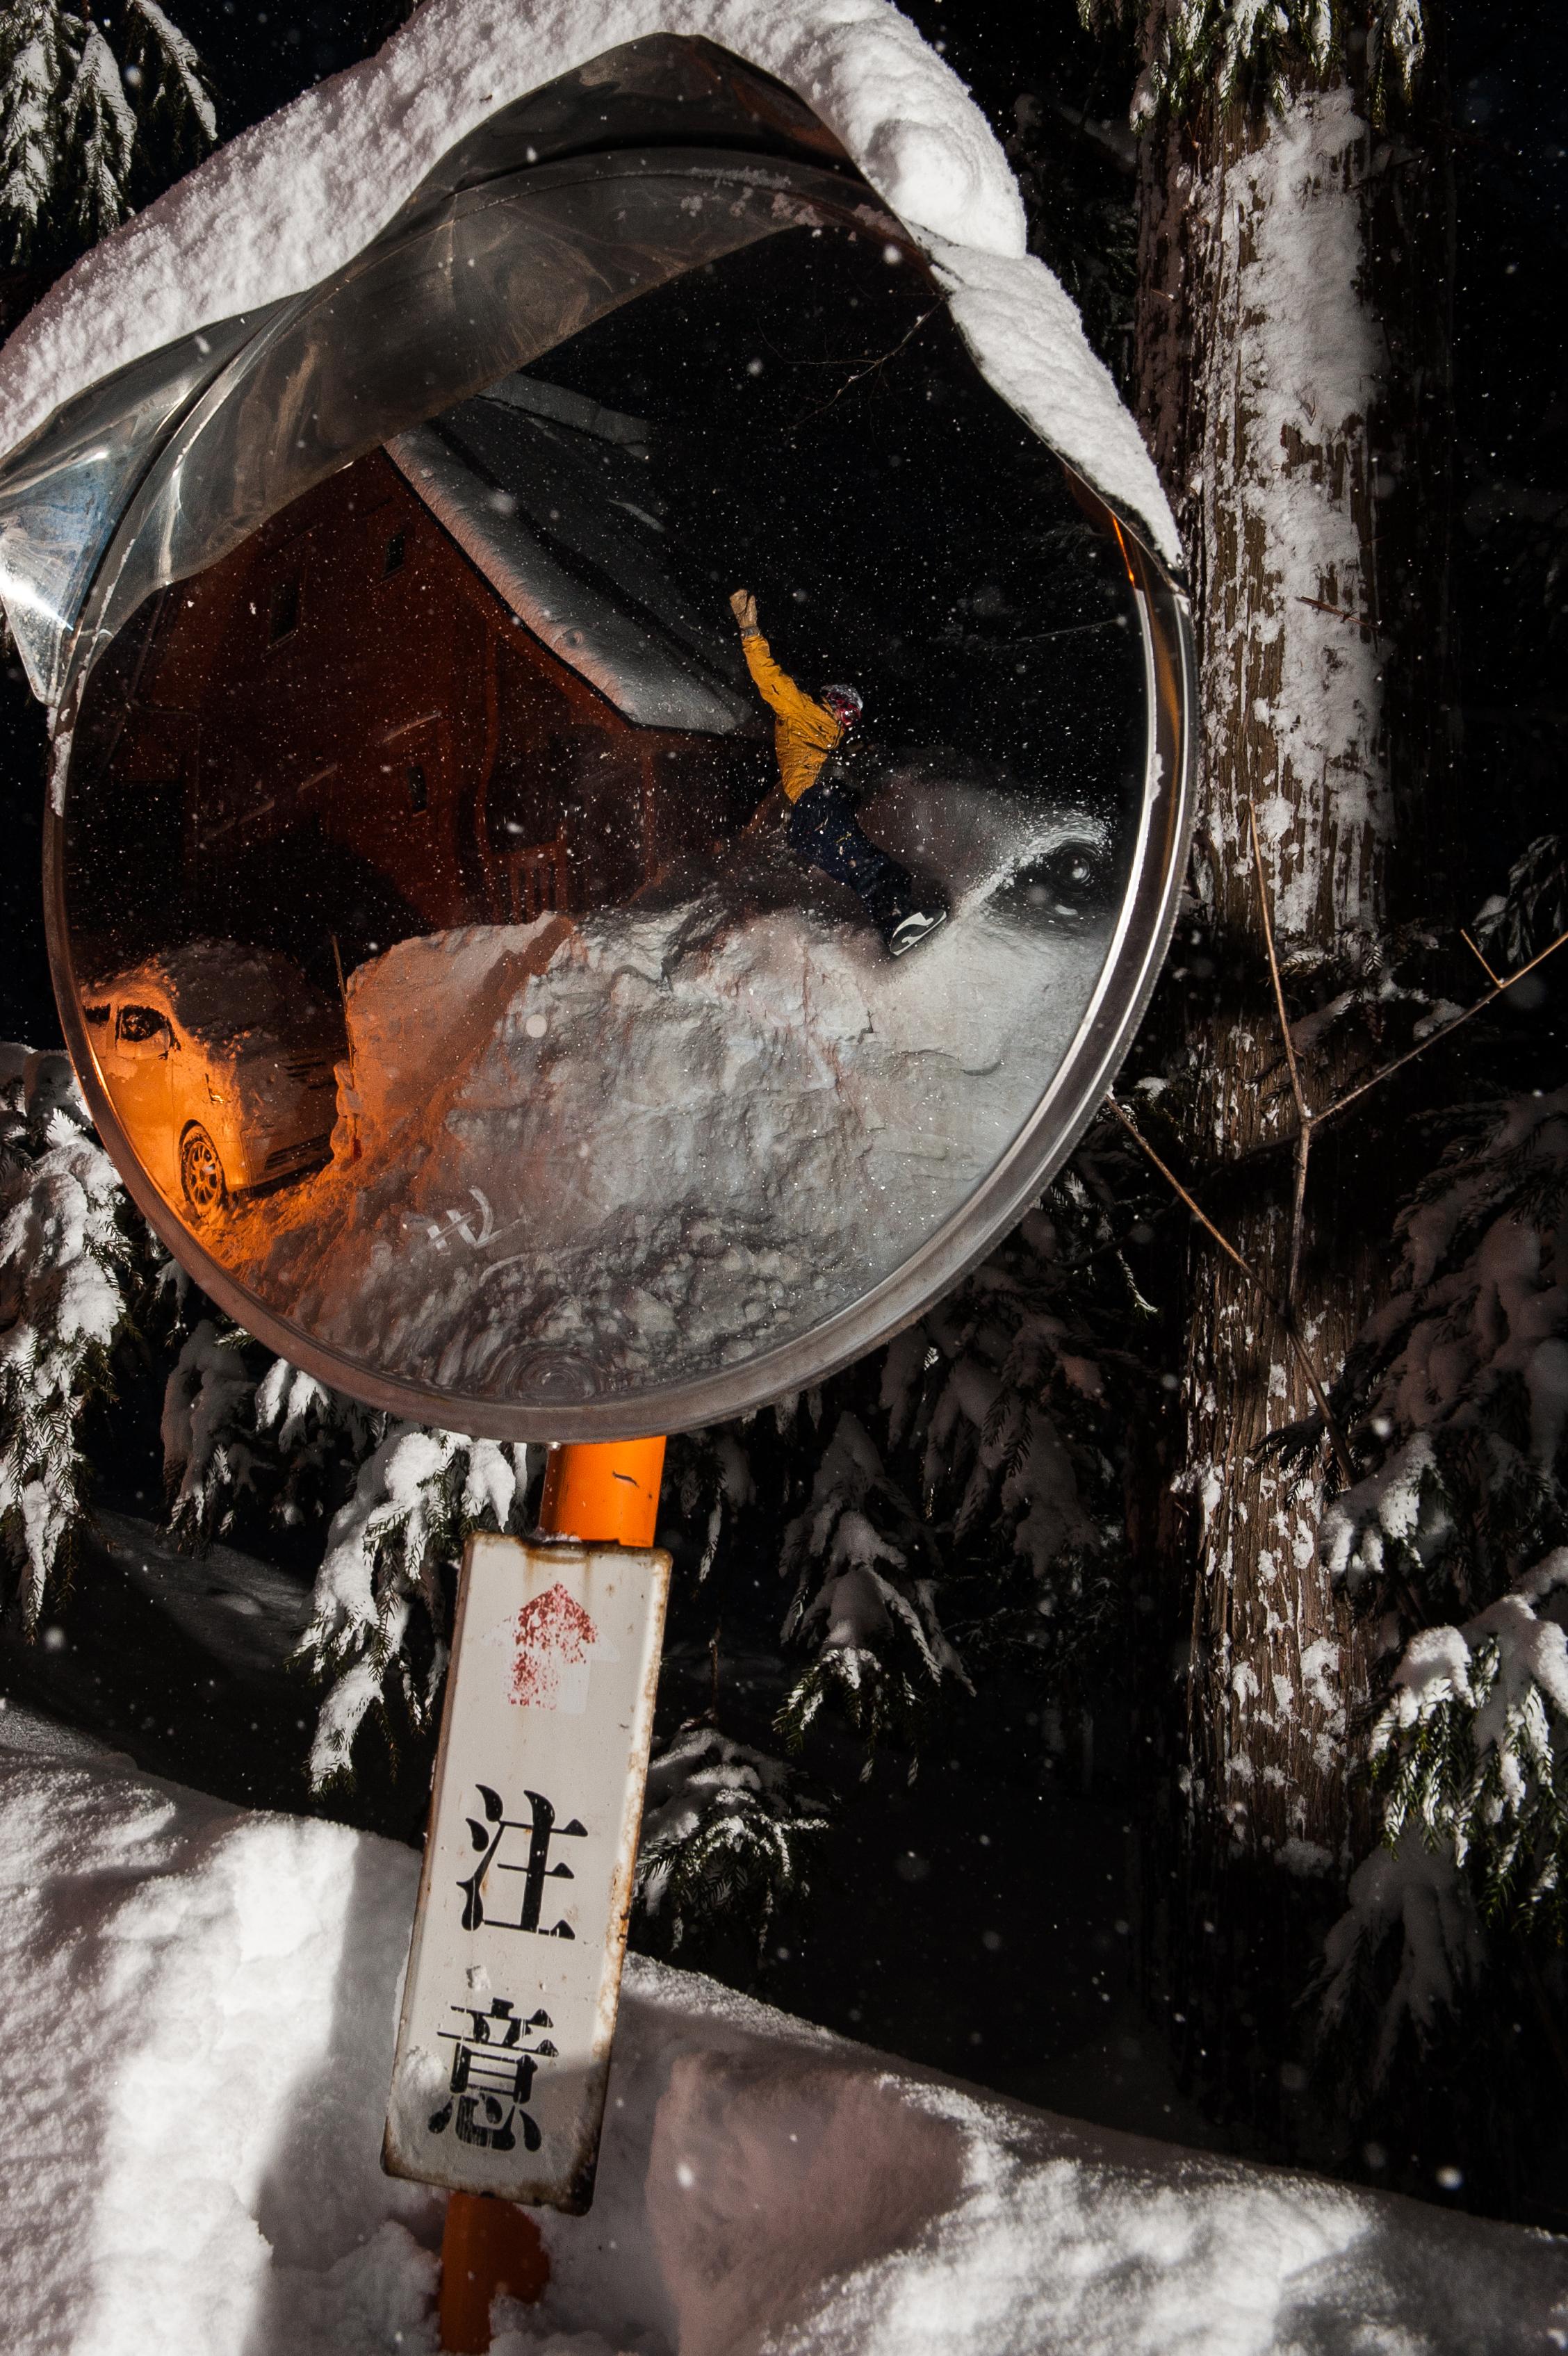 rider : KYOTA MIYAKE